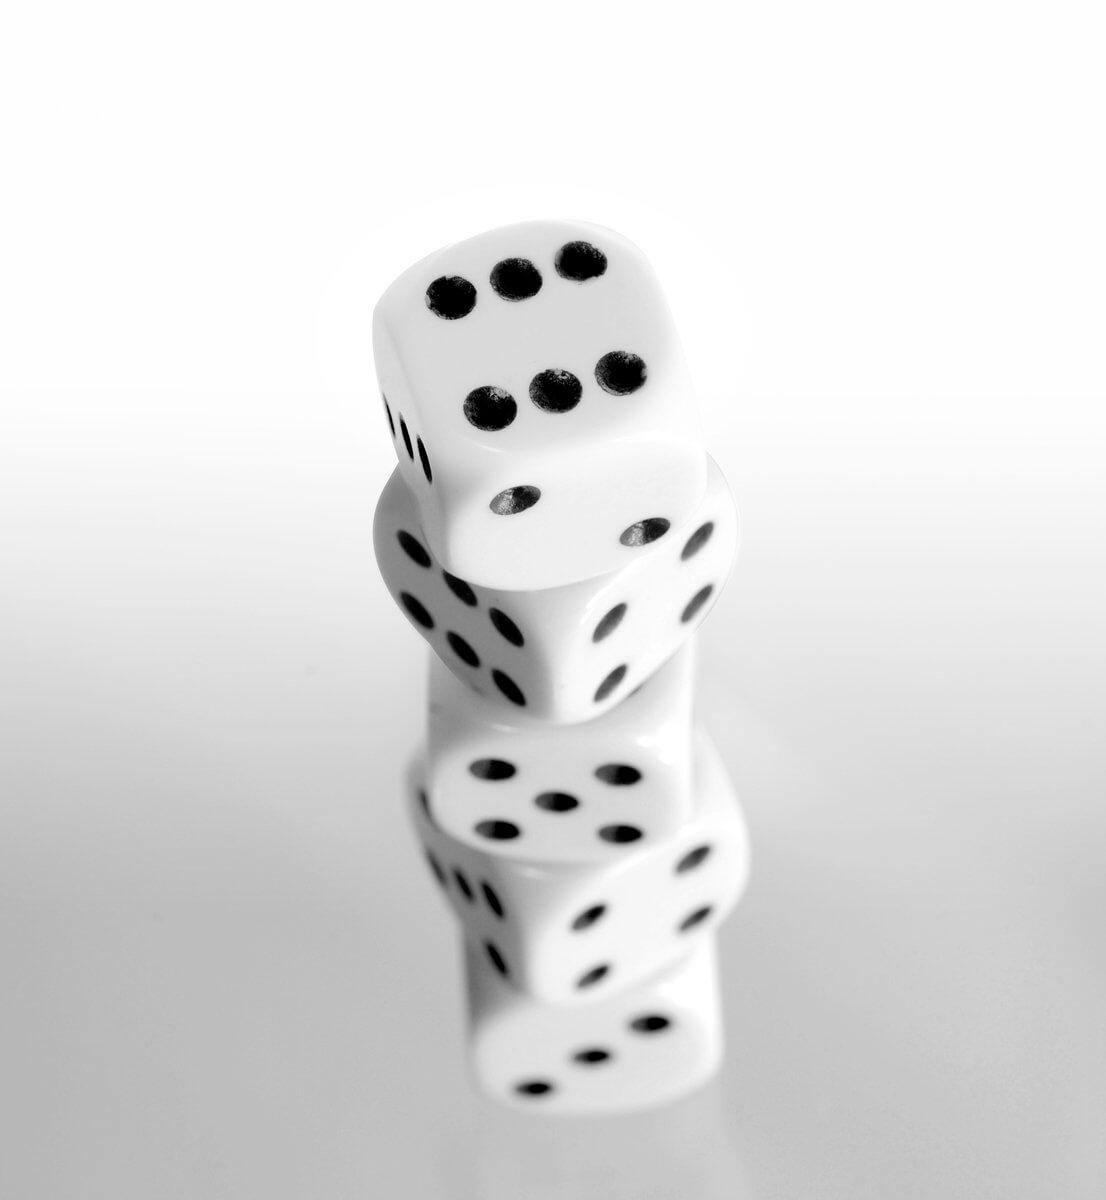 Loterias online – Qual é o jogo mais fácil de ganhar?